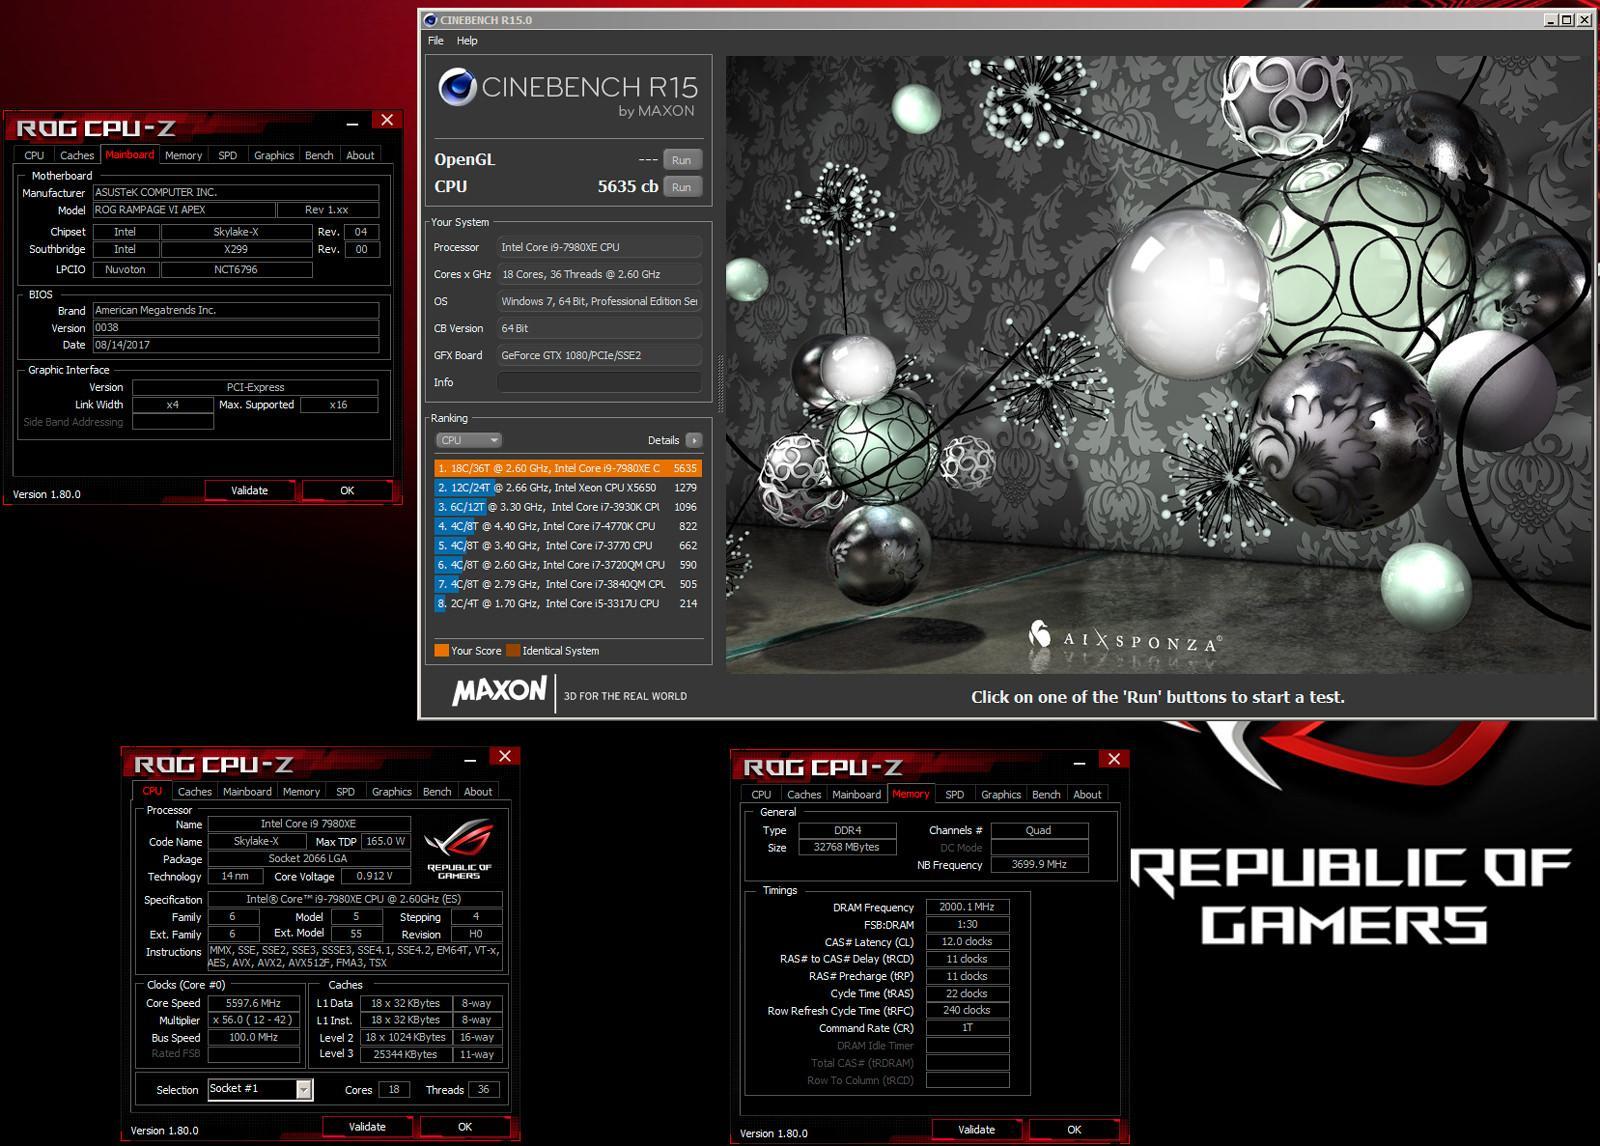 Intel i9 7980XE BEYOND 6 GHz 3